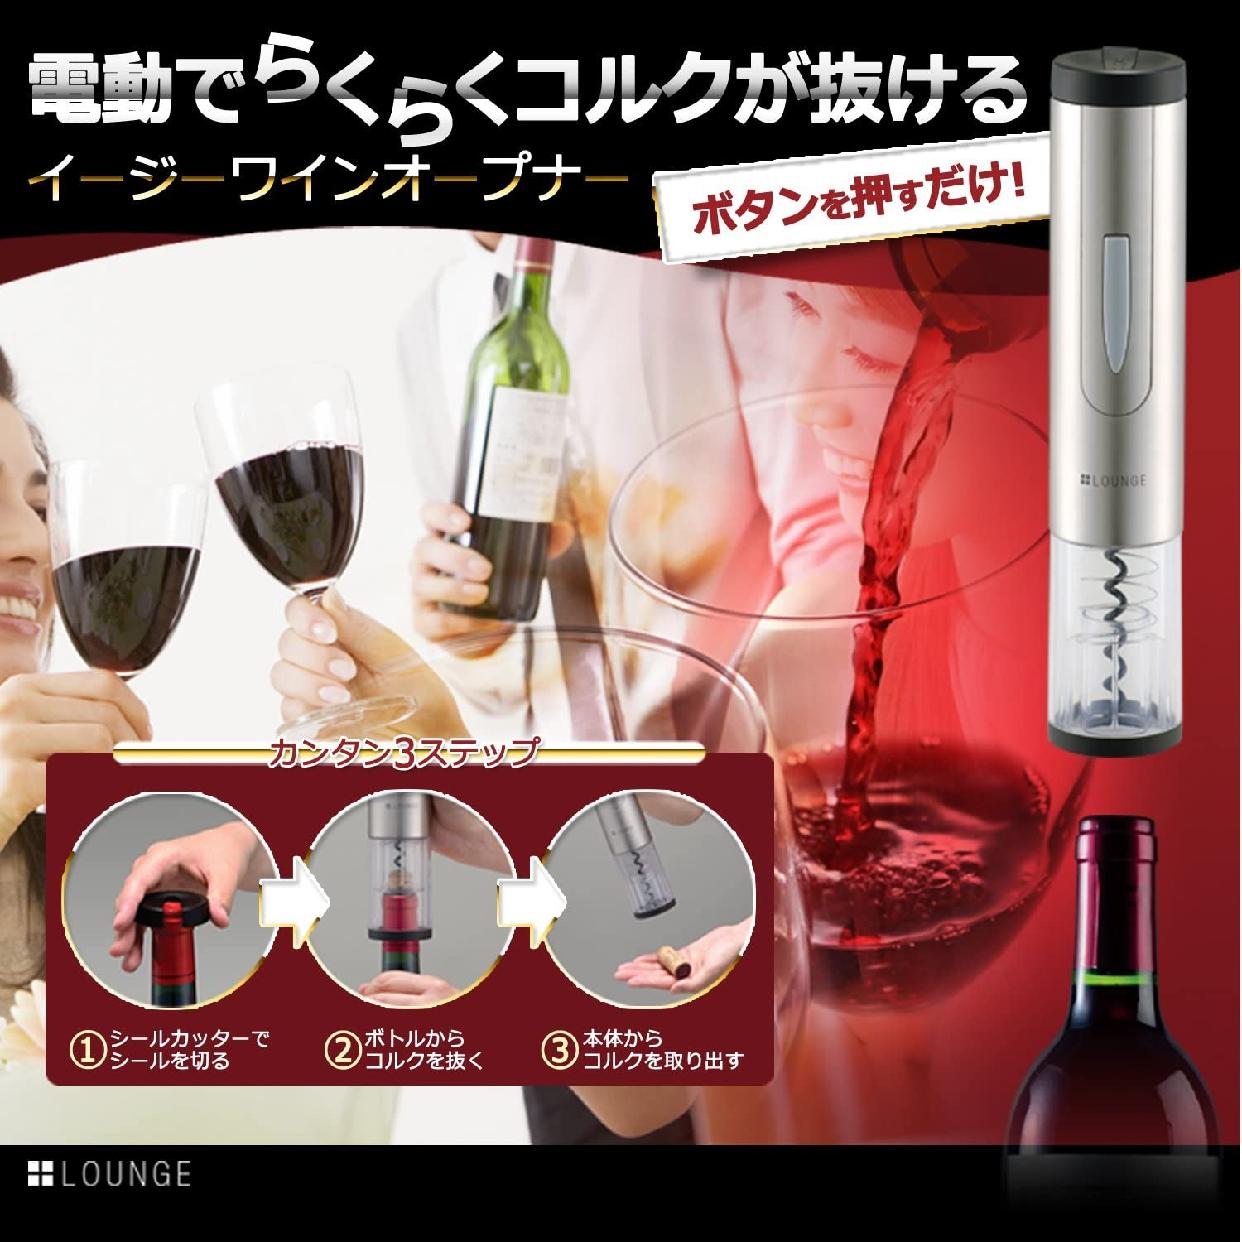 siroca(シロカ) イージーワインオープナー LBO-W160の商品画像2